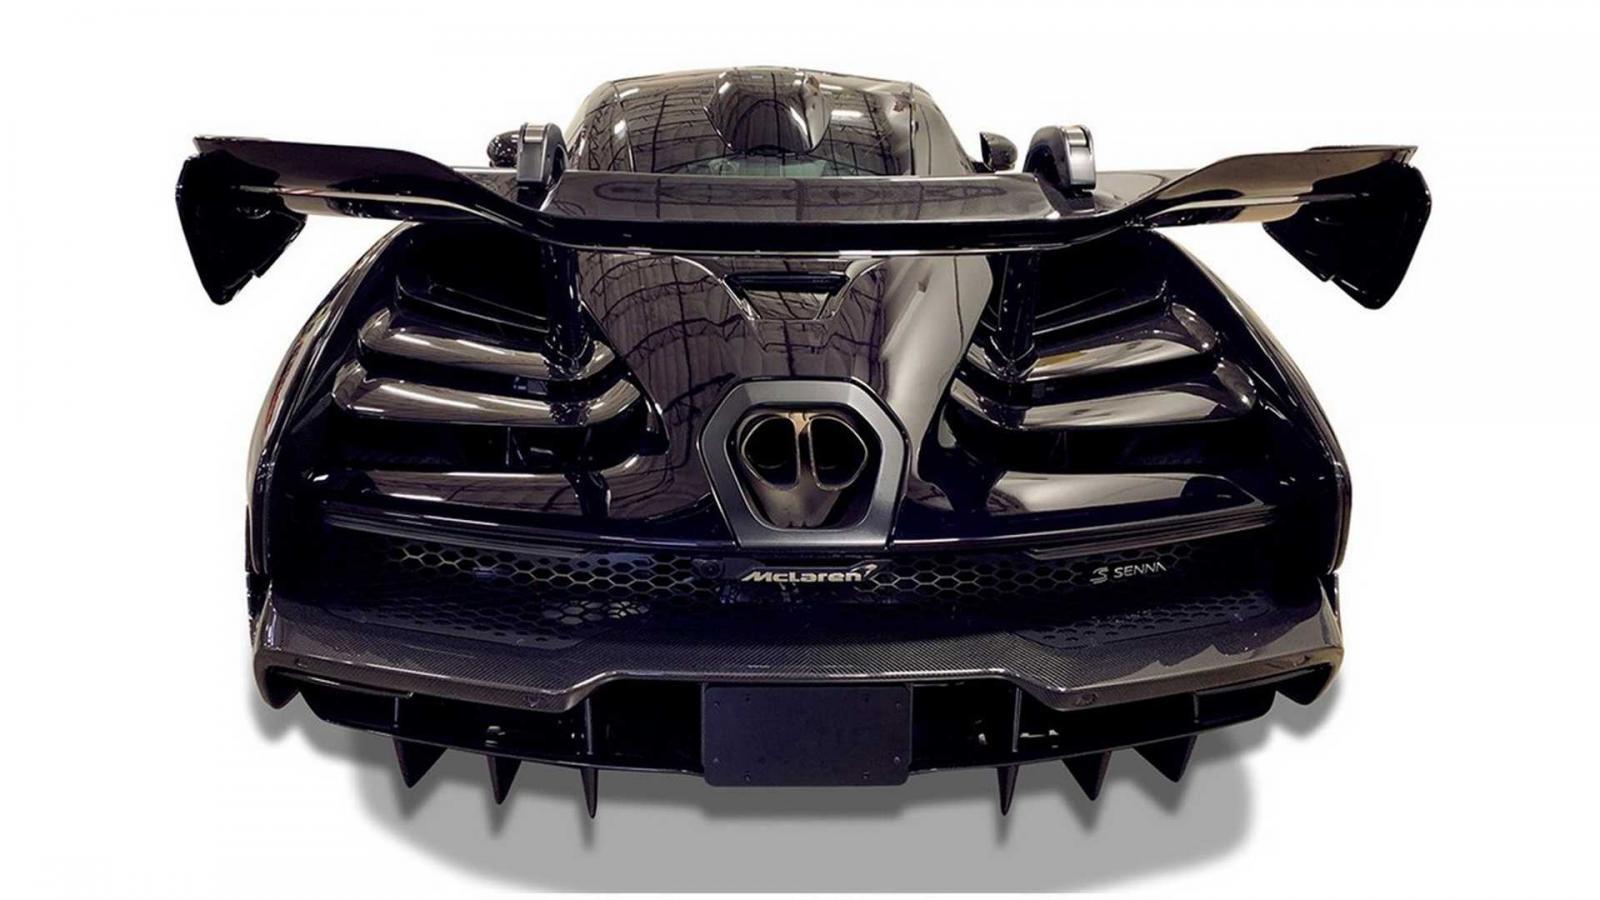 Siêu xe triệu đô McLaren Senna này còn sở hữu bộ áo cực hiếm mang màu sơn Amethyst Black